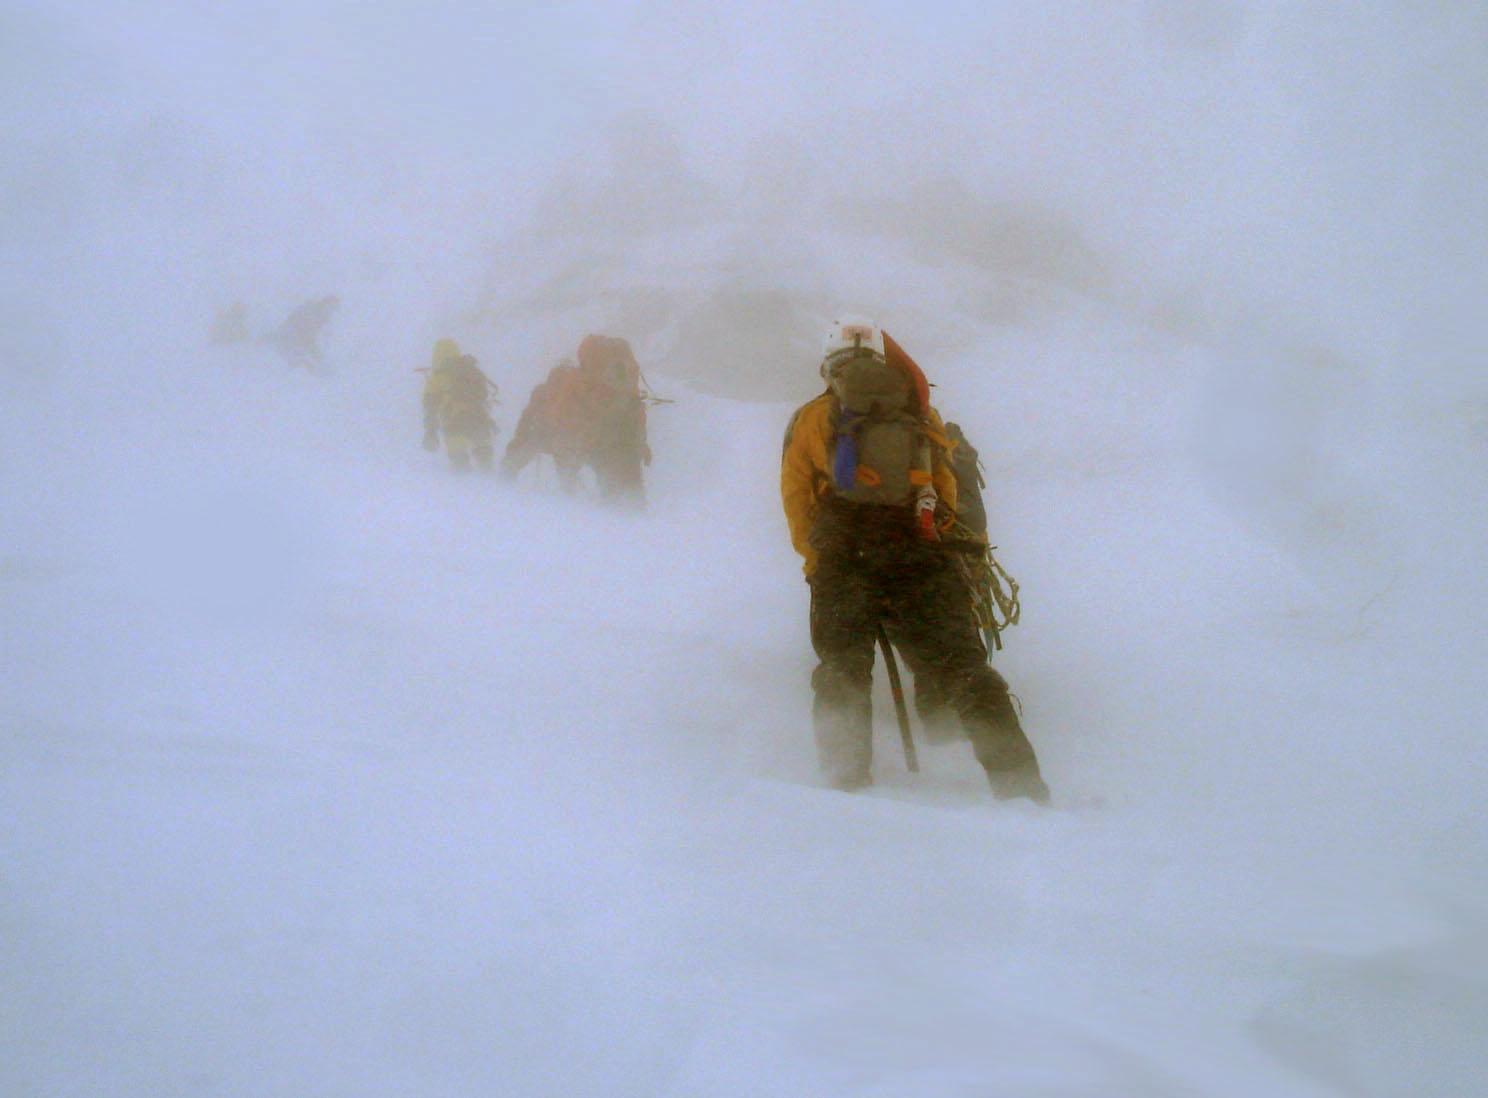 雪庇観察地点へ向かうが・・・ DSC05627